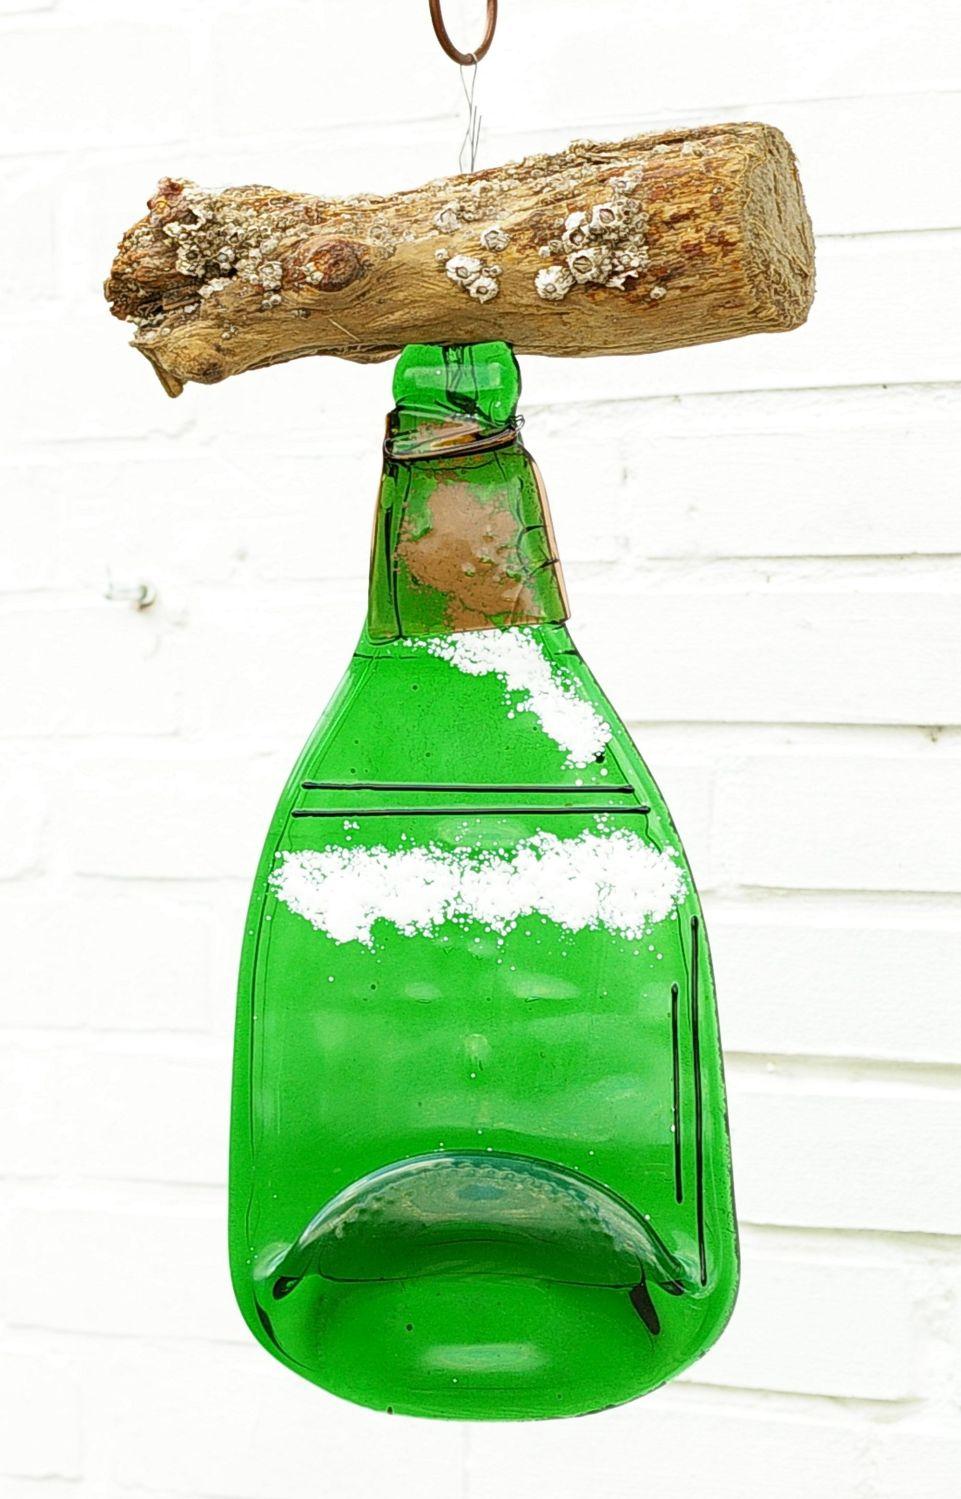 Gartendekoration Windspiel mit Treibholz und Flasche, aussergewöhnlich